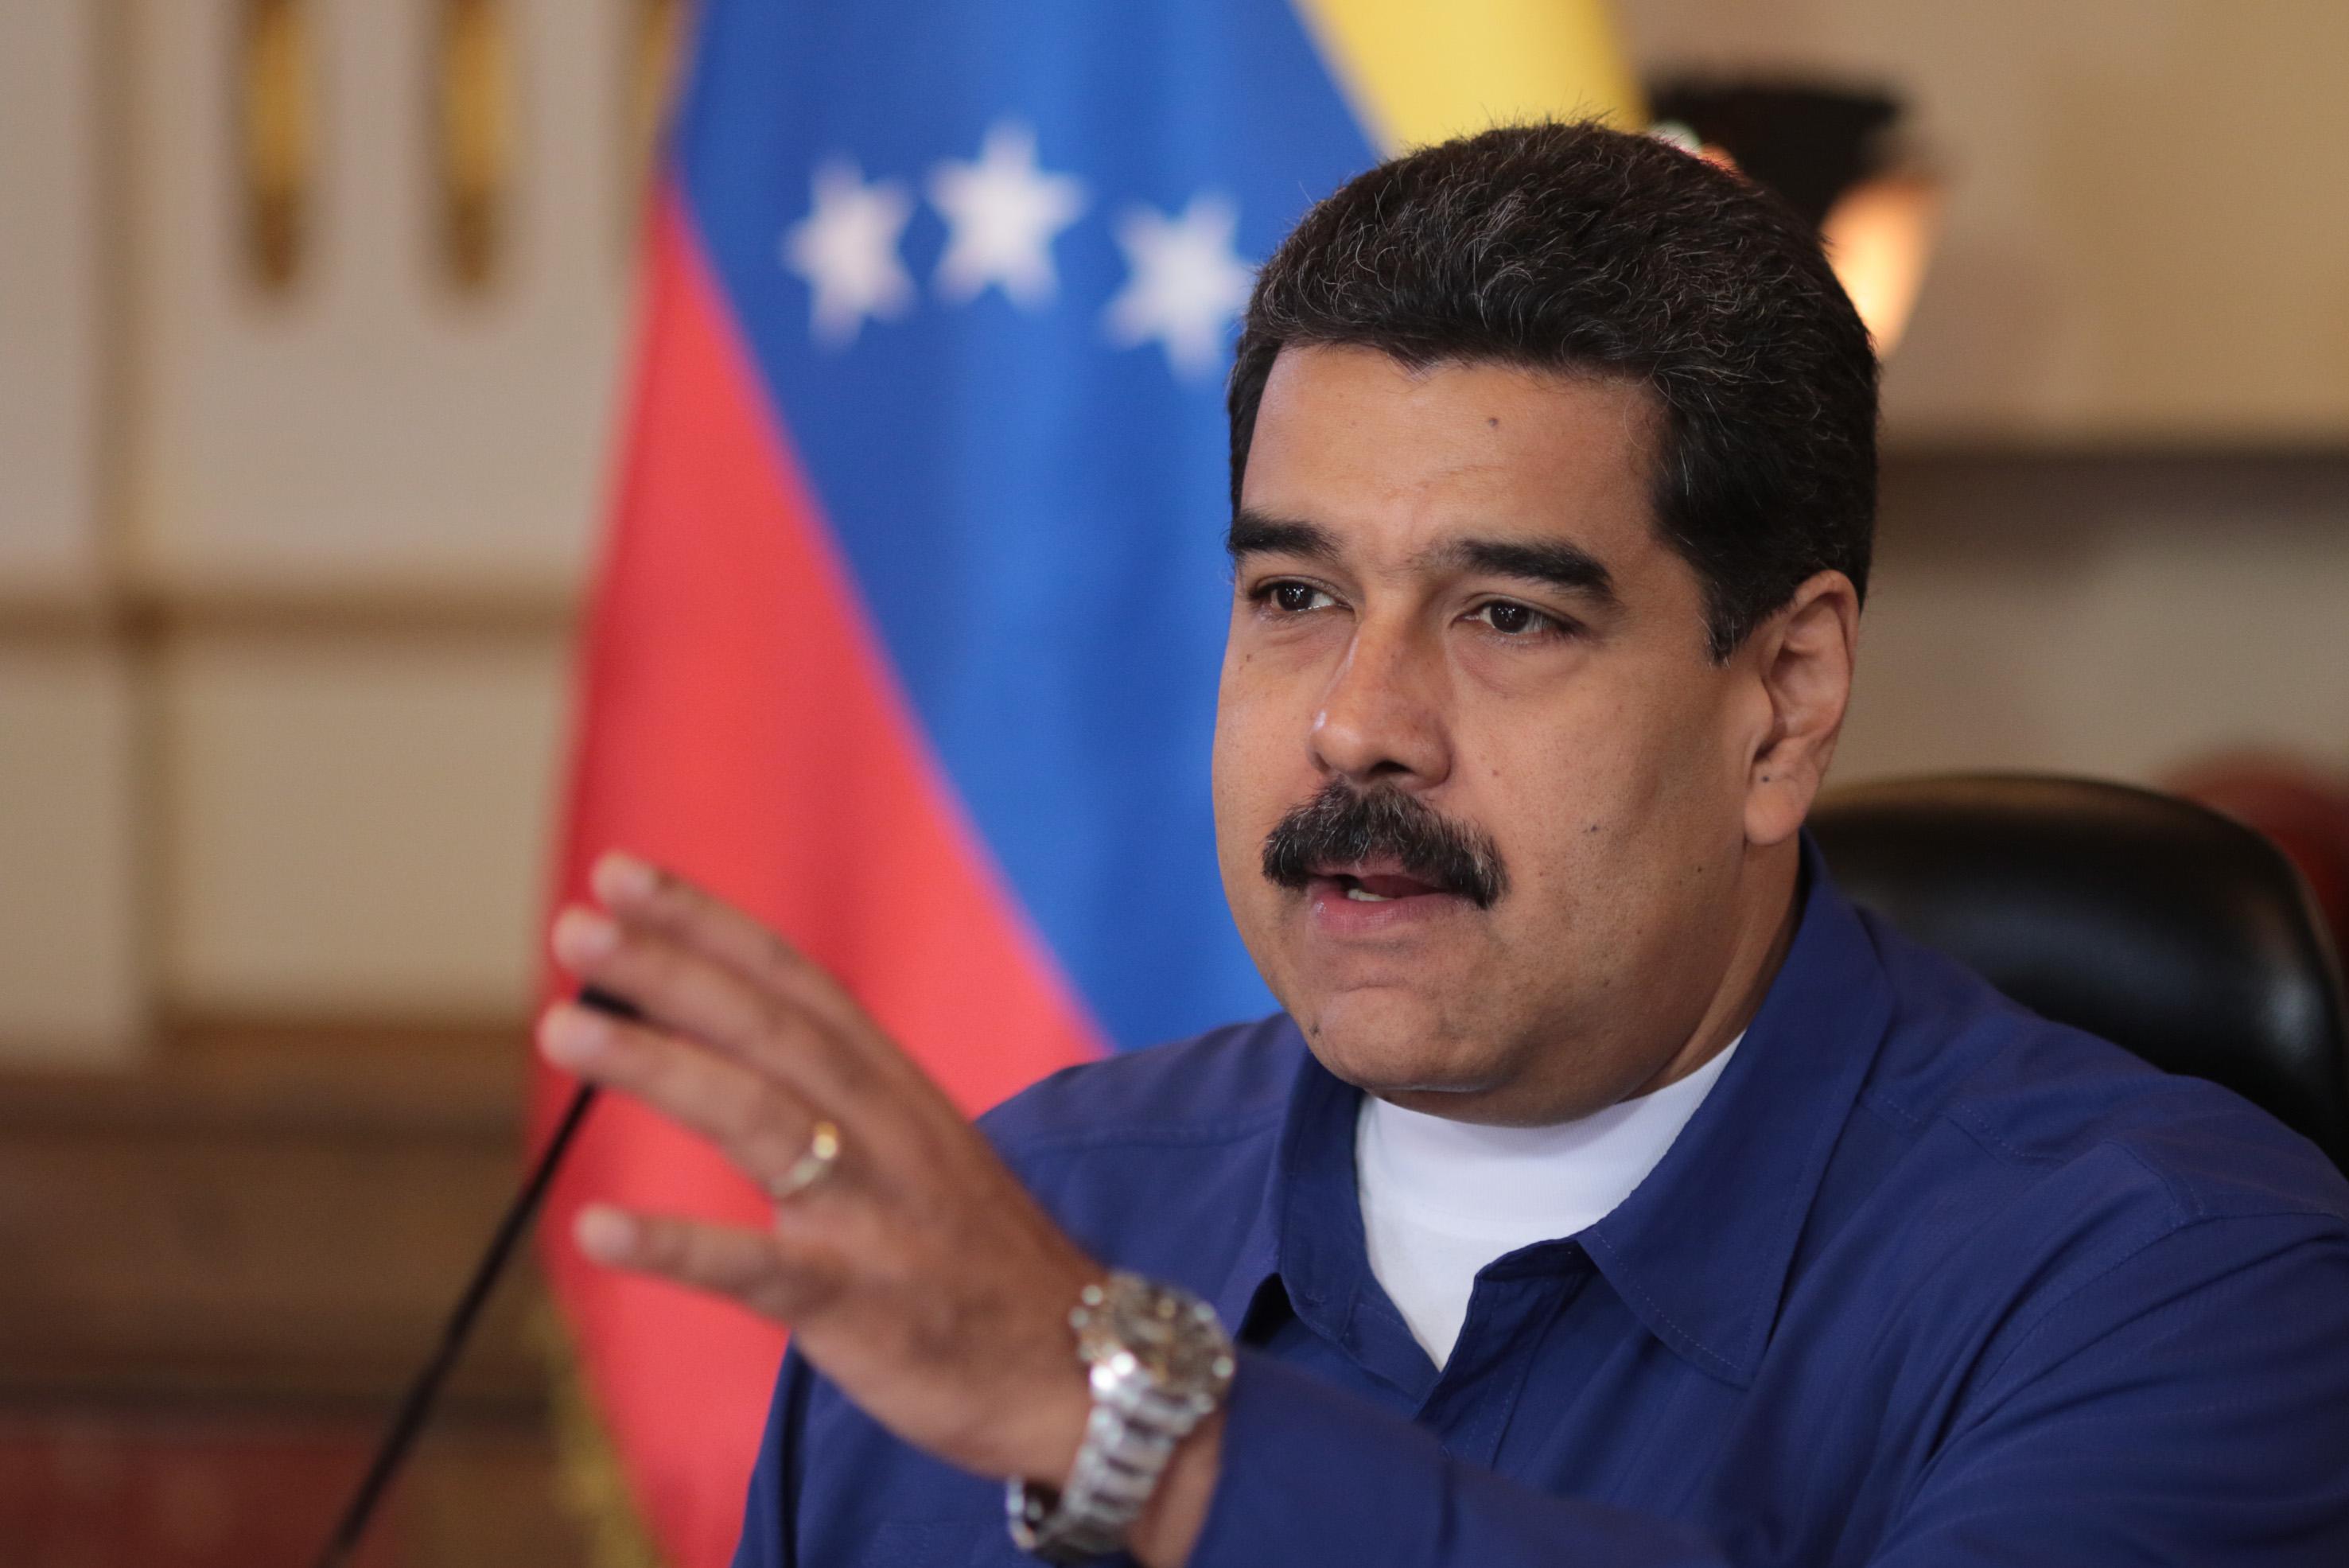 """Maduro arremete contra cardenales al insinuar que """"sirven al capital y perversiones del mundo"""" (Video)"""